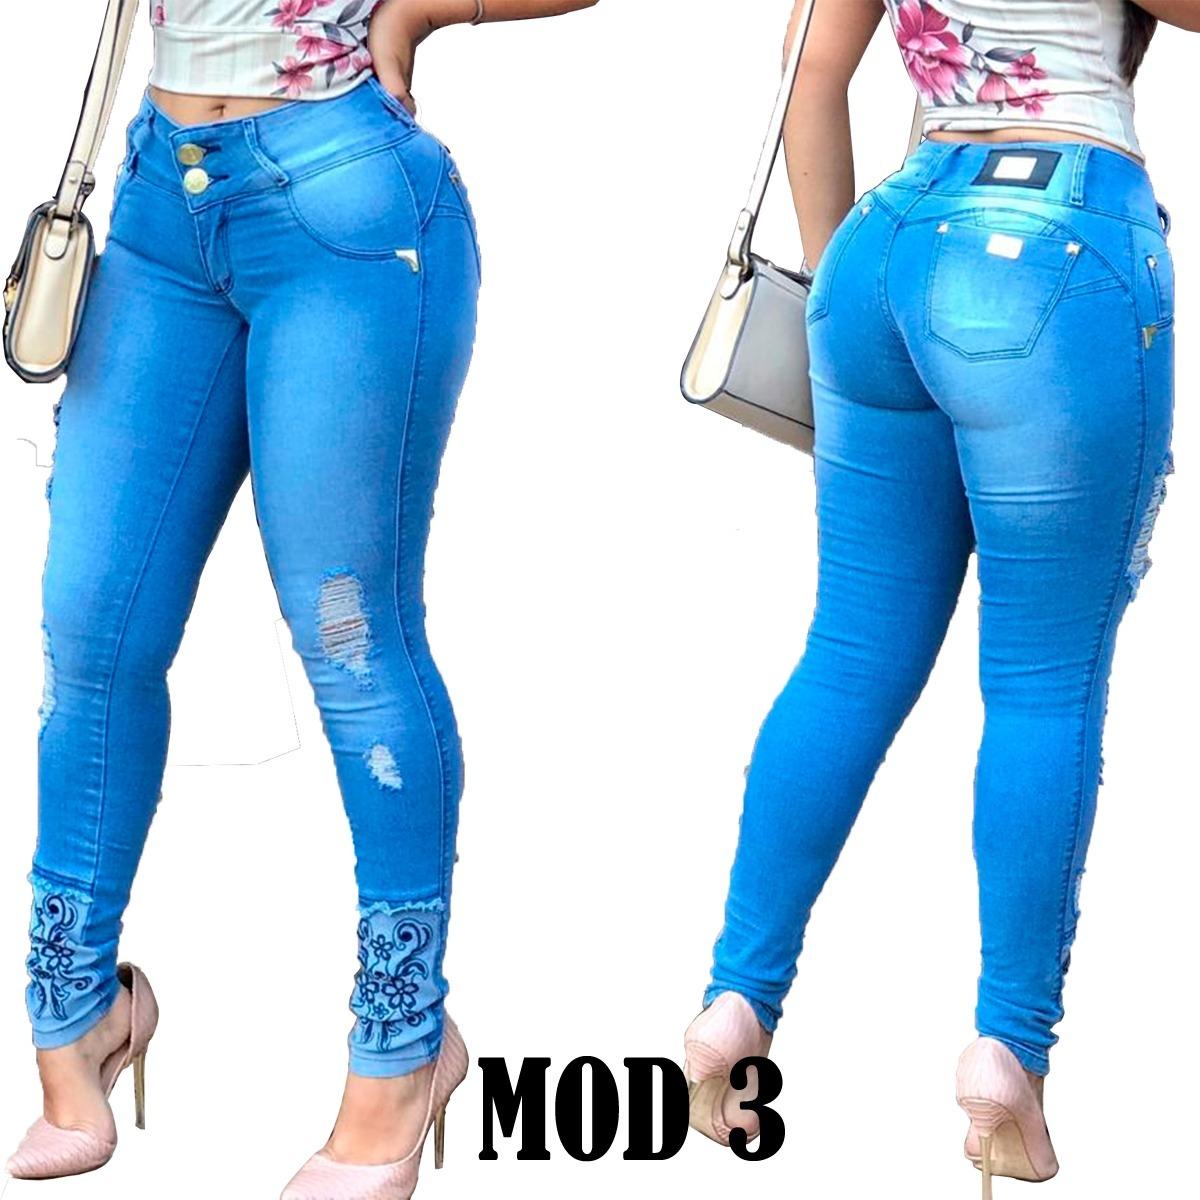 65075dd07 promoção leve 3 calças jeans c/lycra pague 2 estilo pitbull. Carregando zoom .